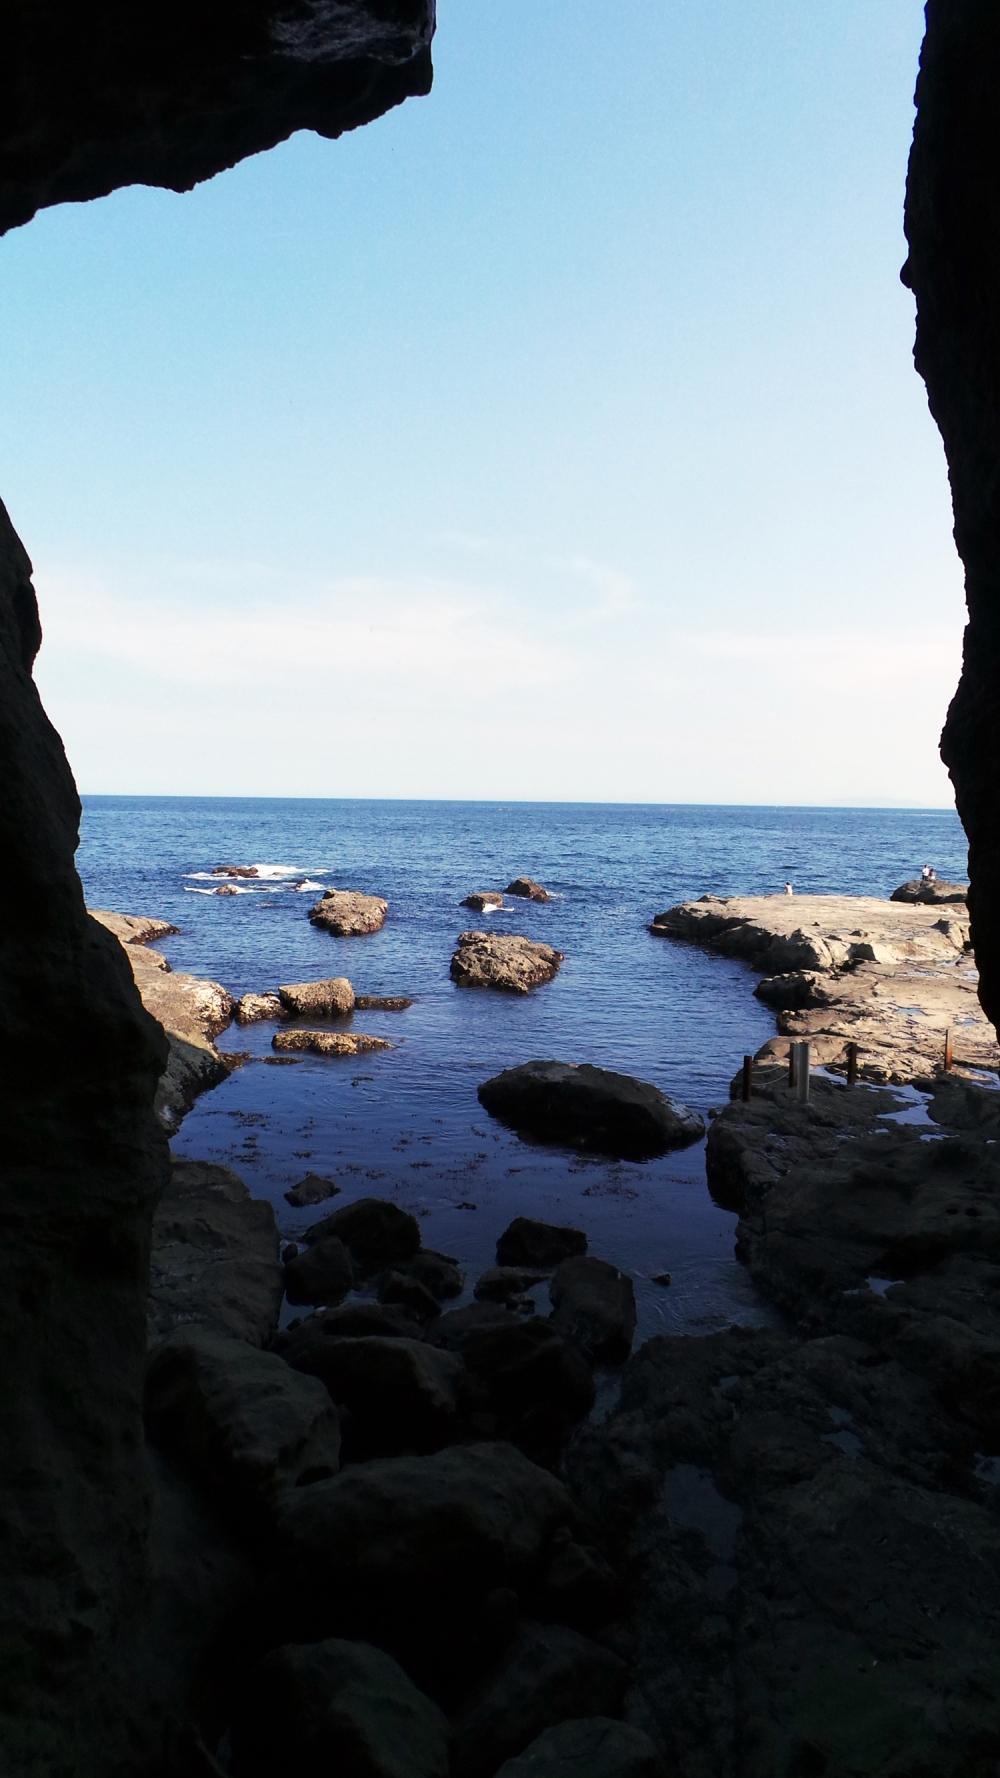 Vue sur la mer dans les grottes d'Iwaya à Enoshima